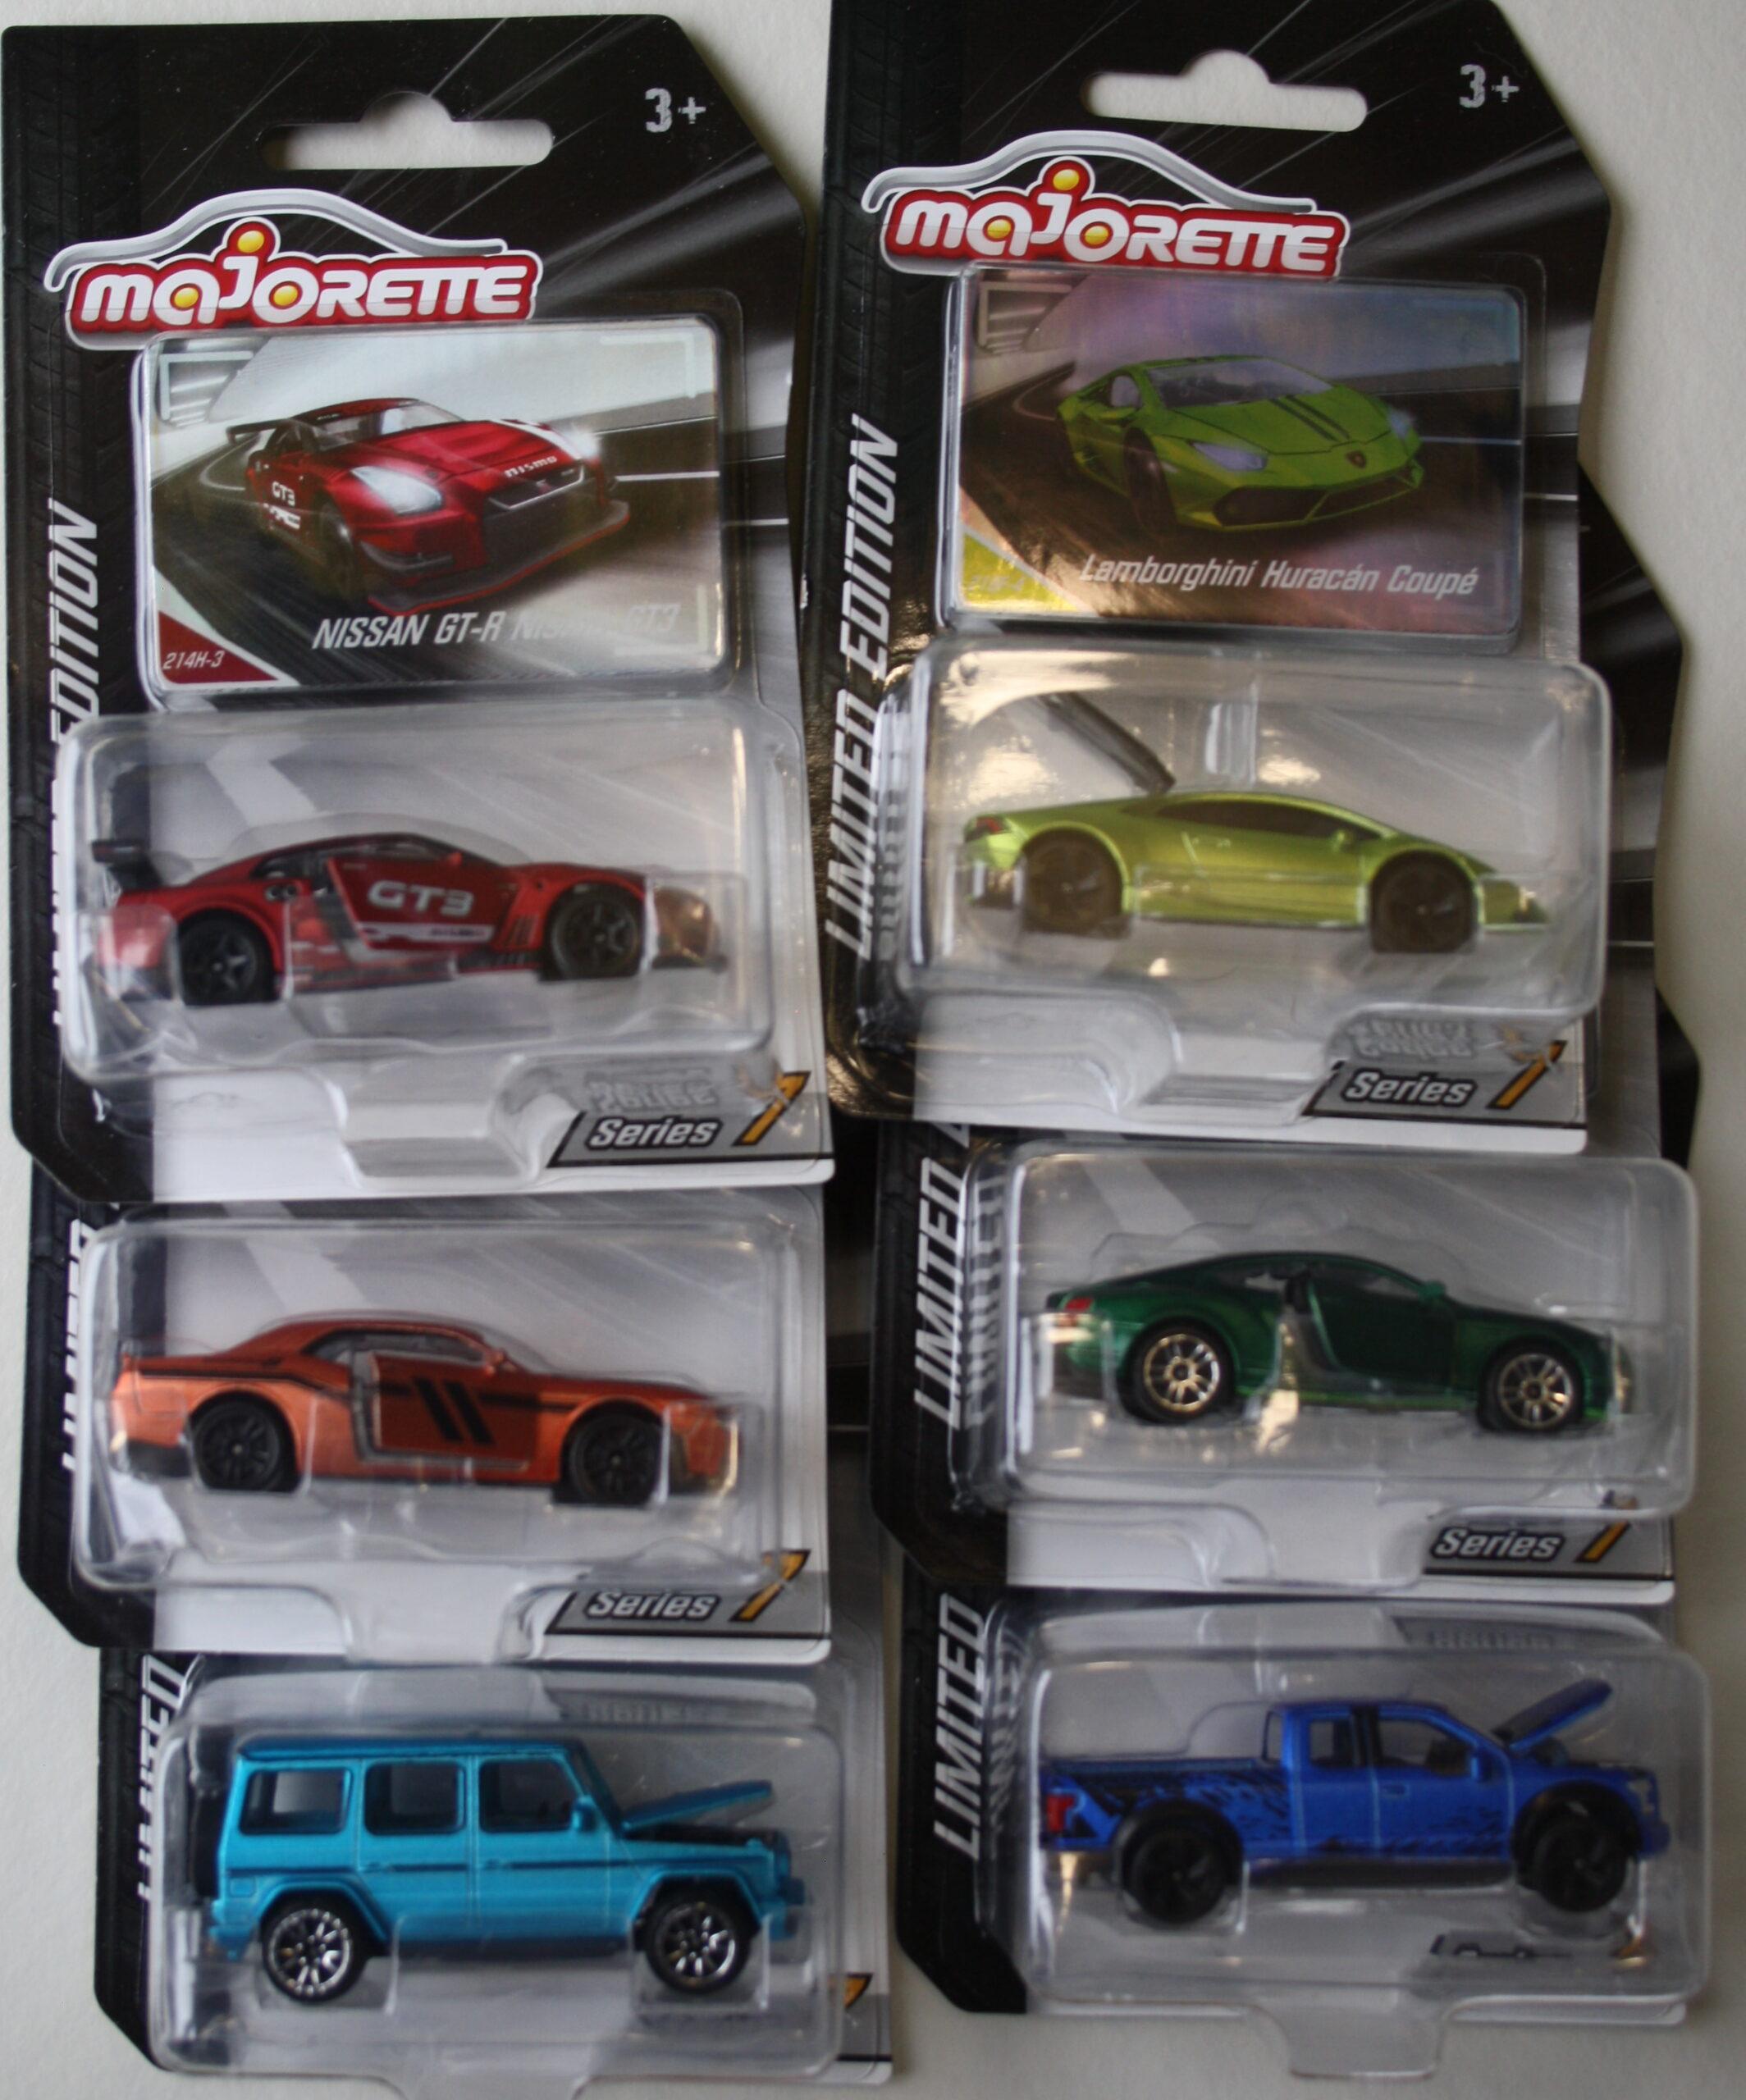 Majorette Limited series 7 set